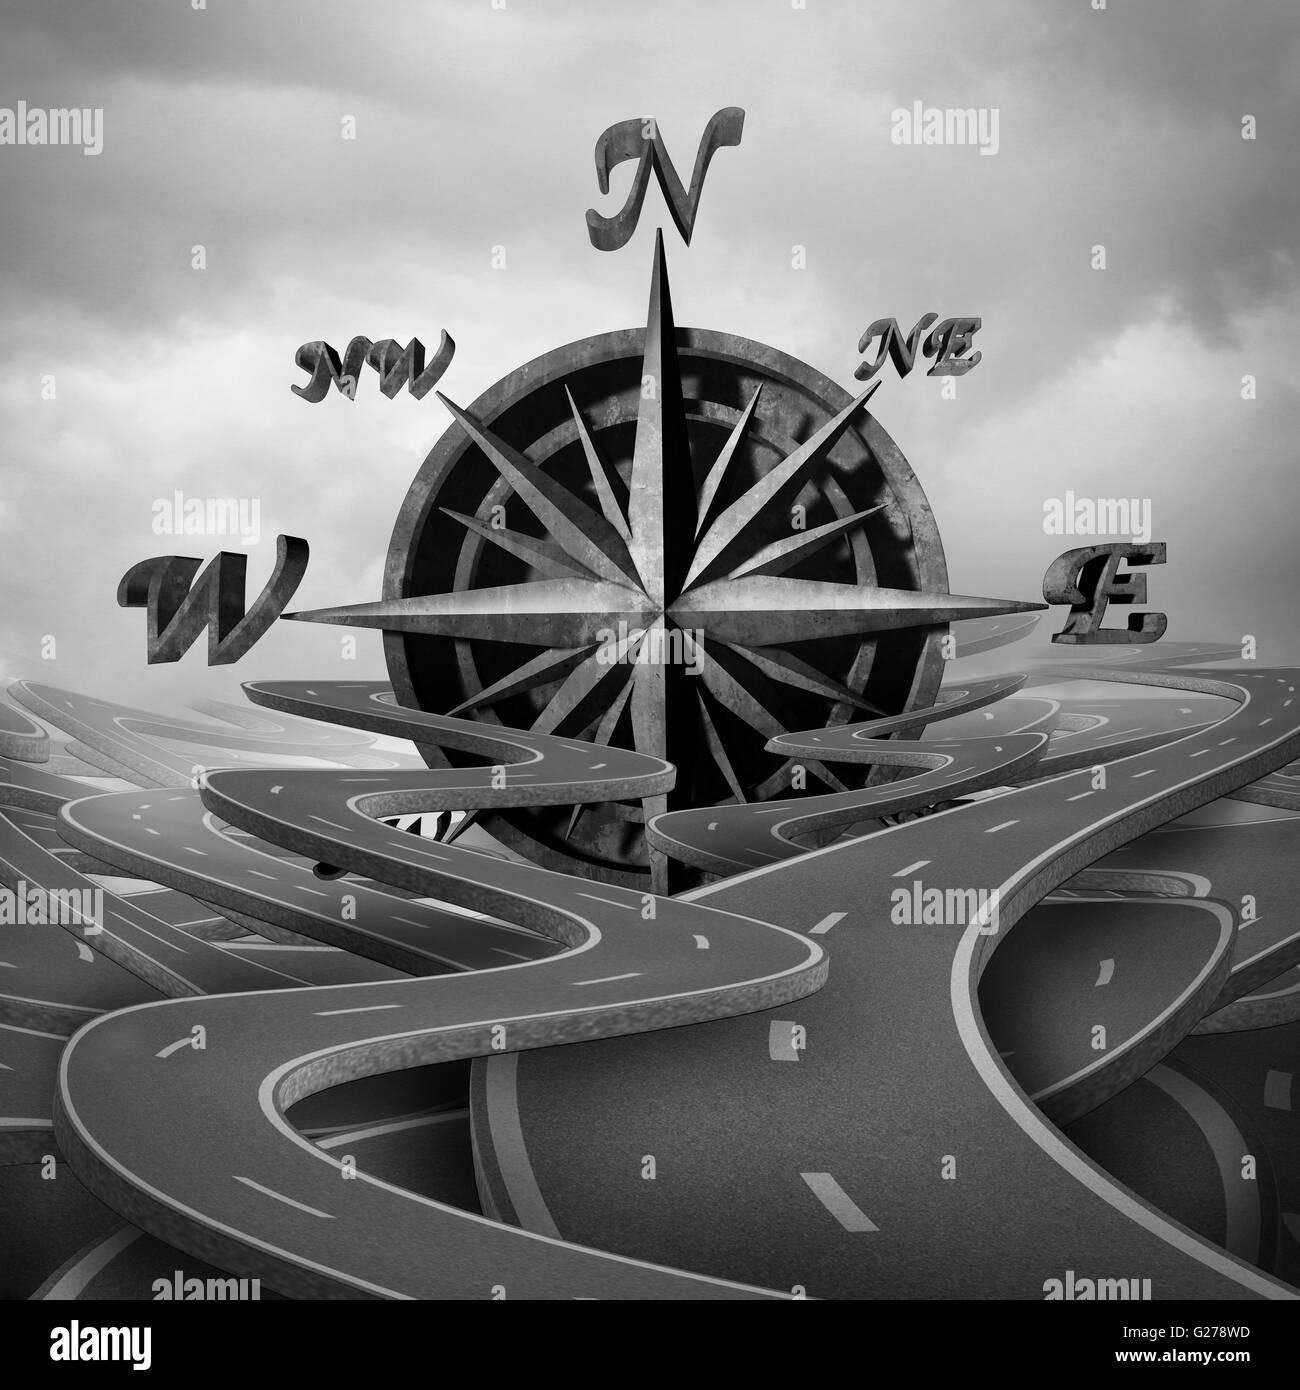 Concetto di navigazione in un business come simbolo della bussola o morale o icona della bussola in un gruppo di Immagini Stock